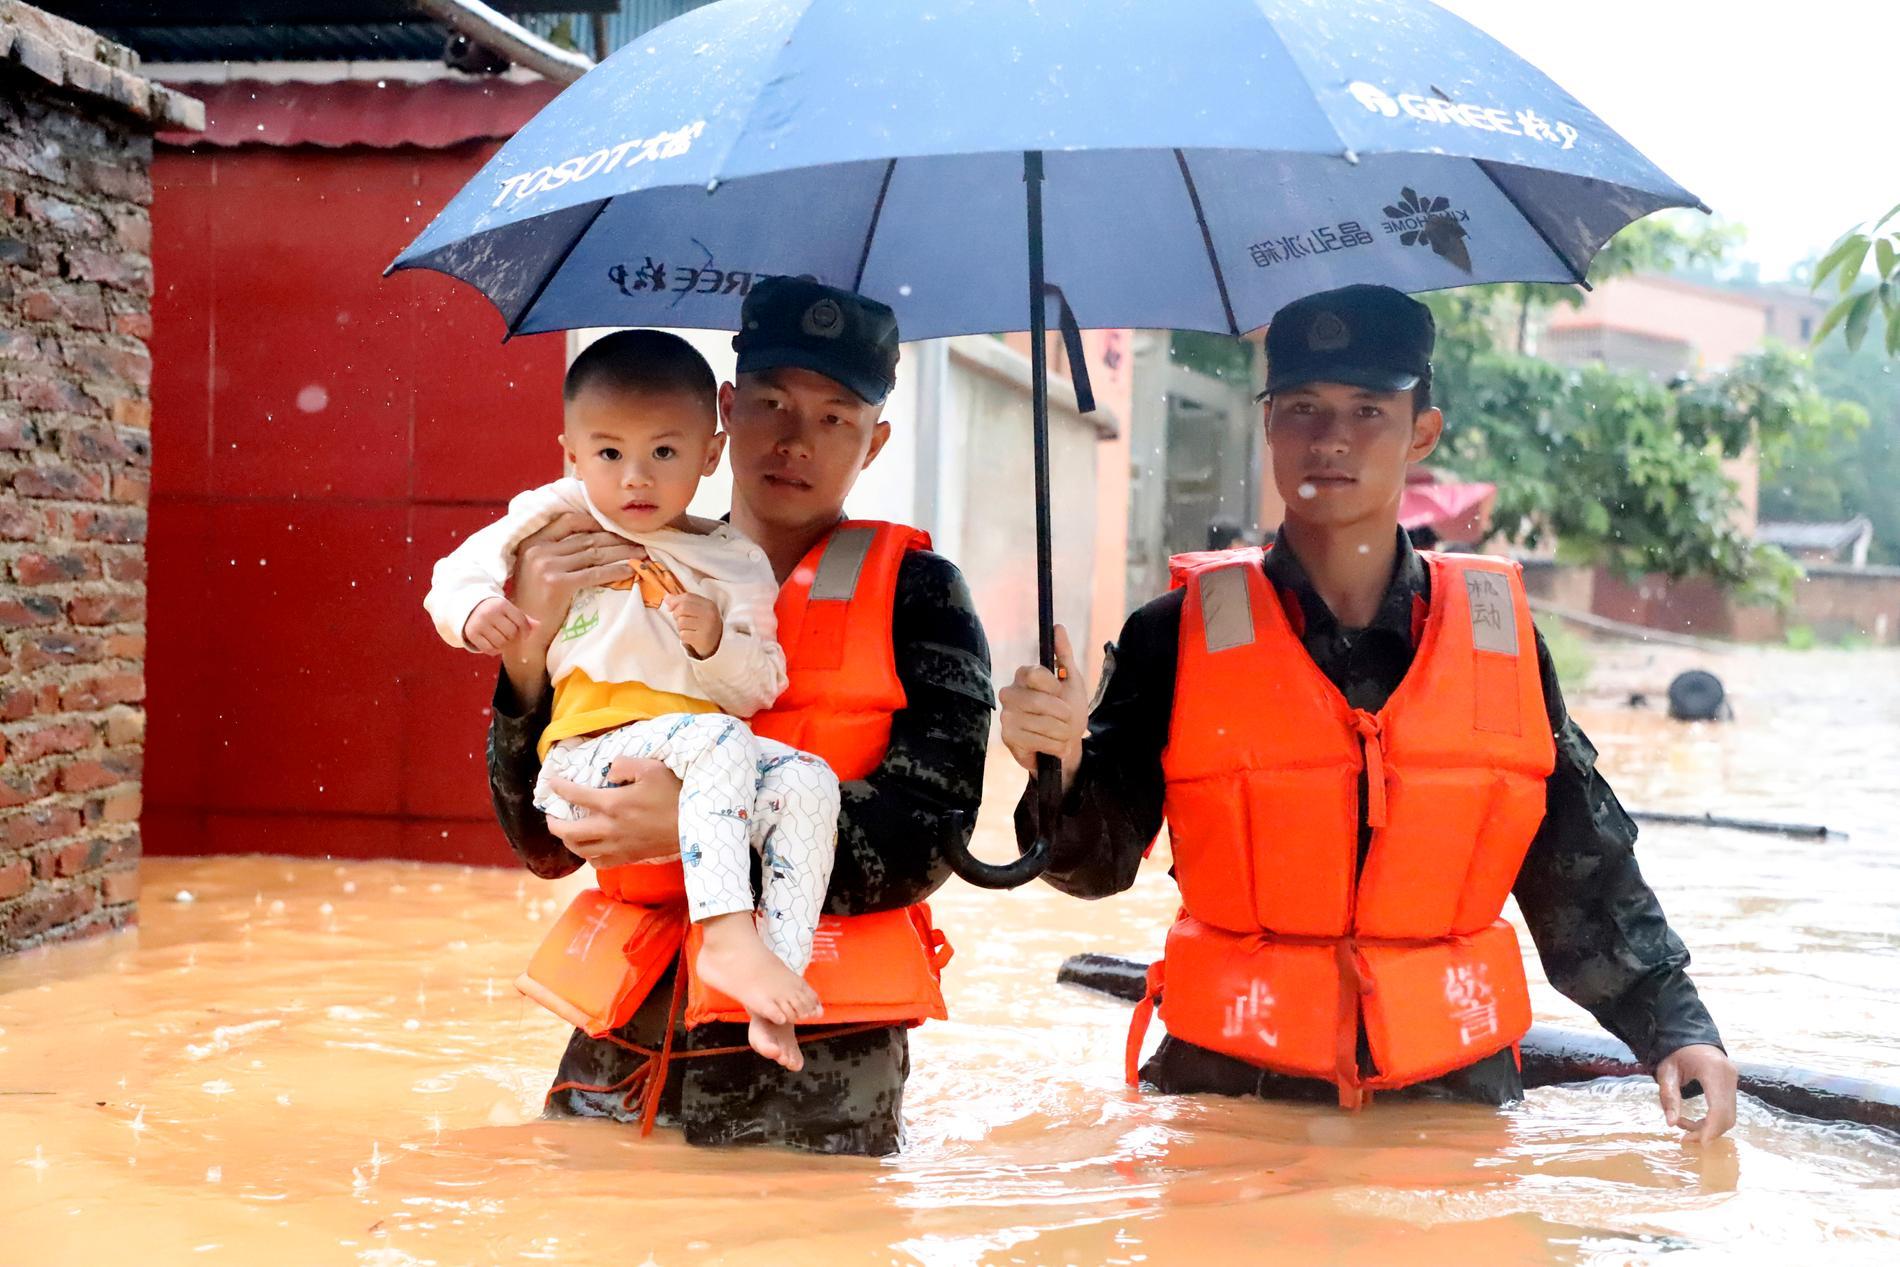 Ett barn evakueras tidigare i veckan i den översvämmade byn Qingyuan i Guangdong-provinsen i södra Kina.